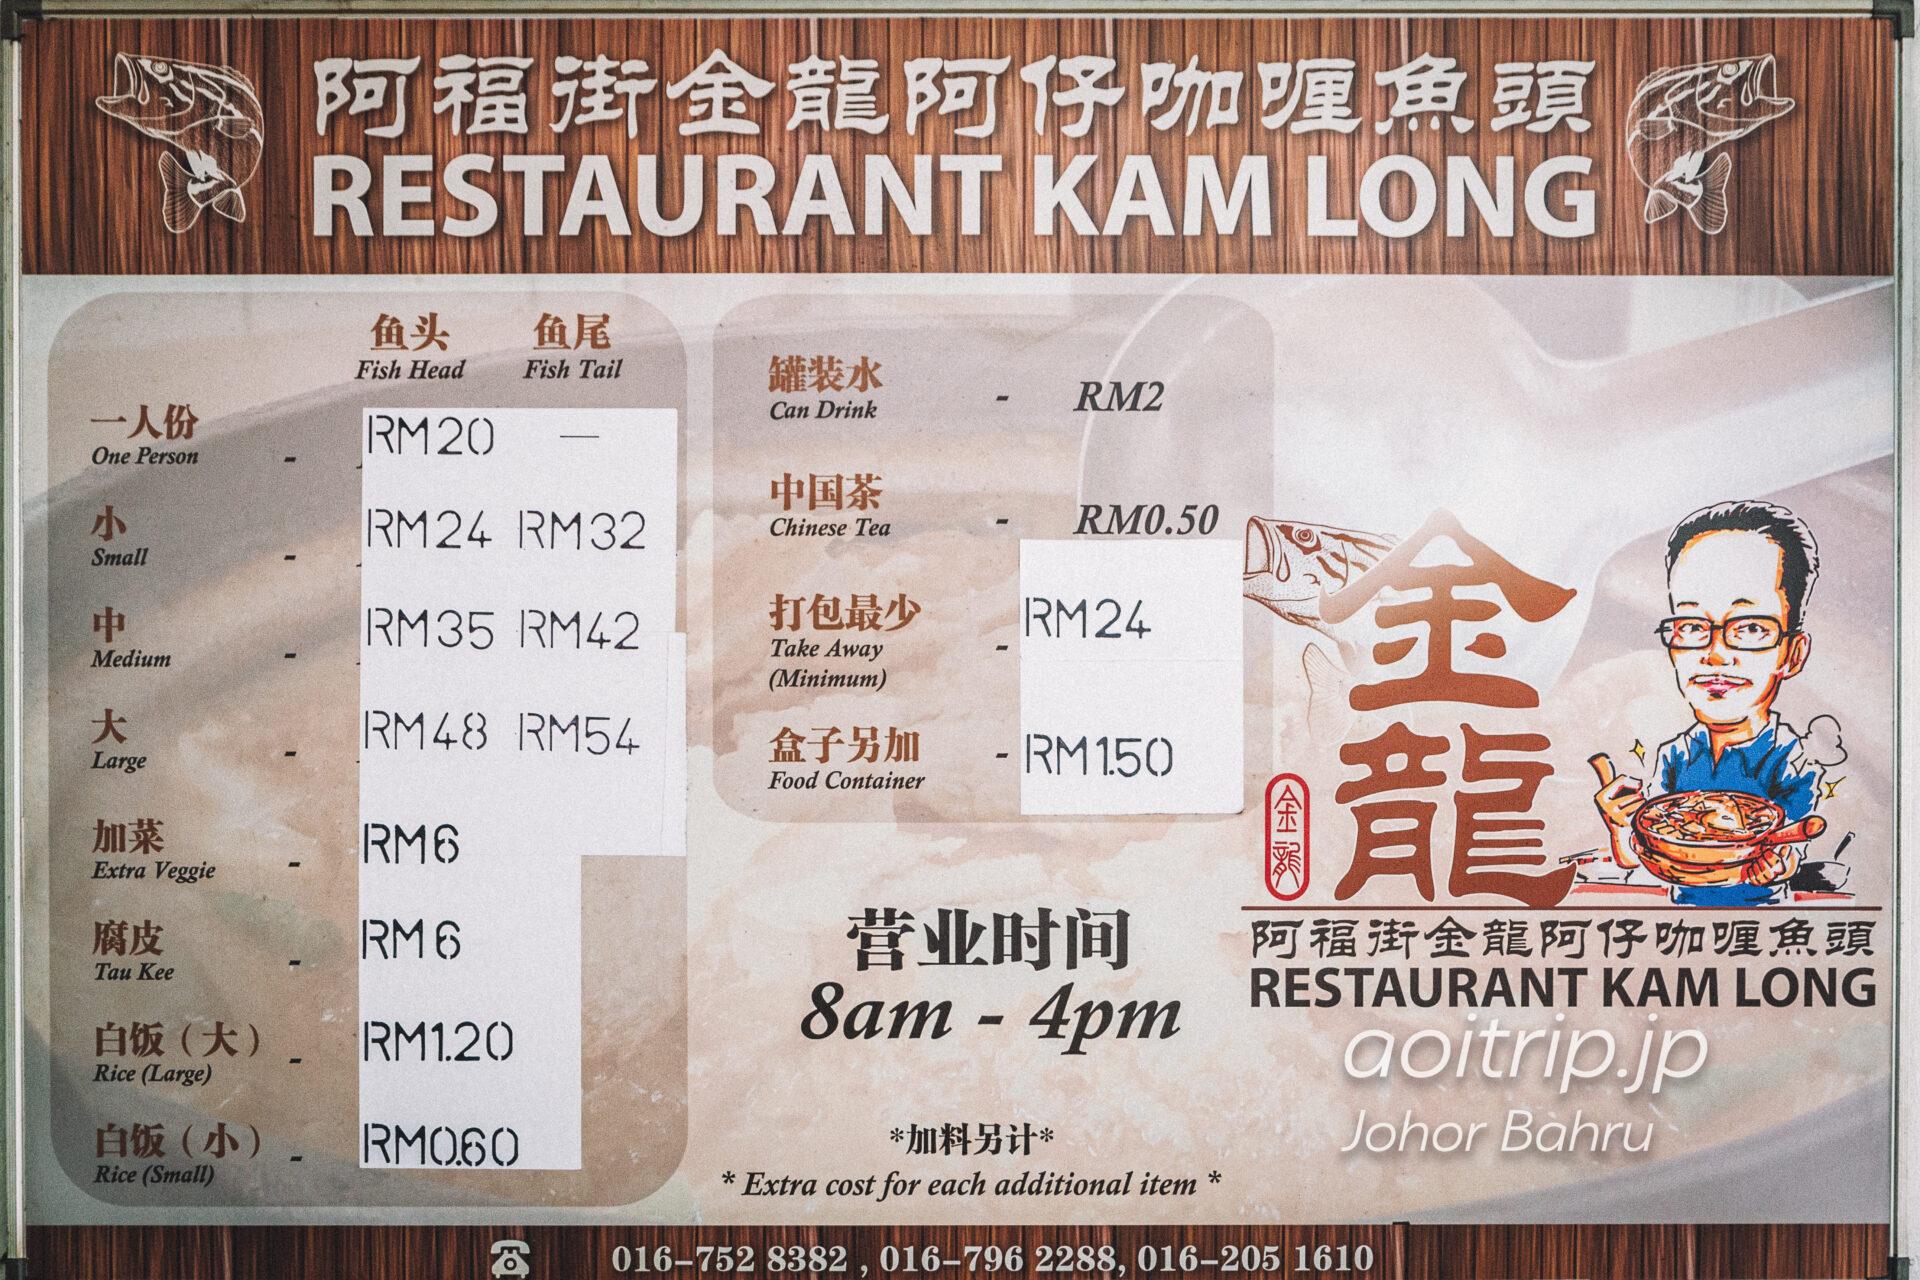 ジョホールバル フィッシュヘッドカリー Kam Long Curry Fish Head(金龍咖喱魚頭)